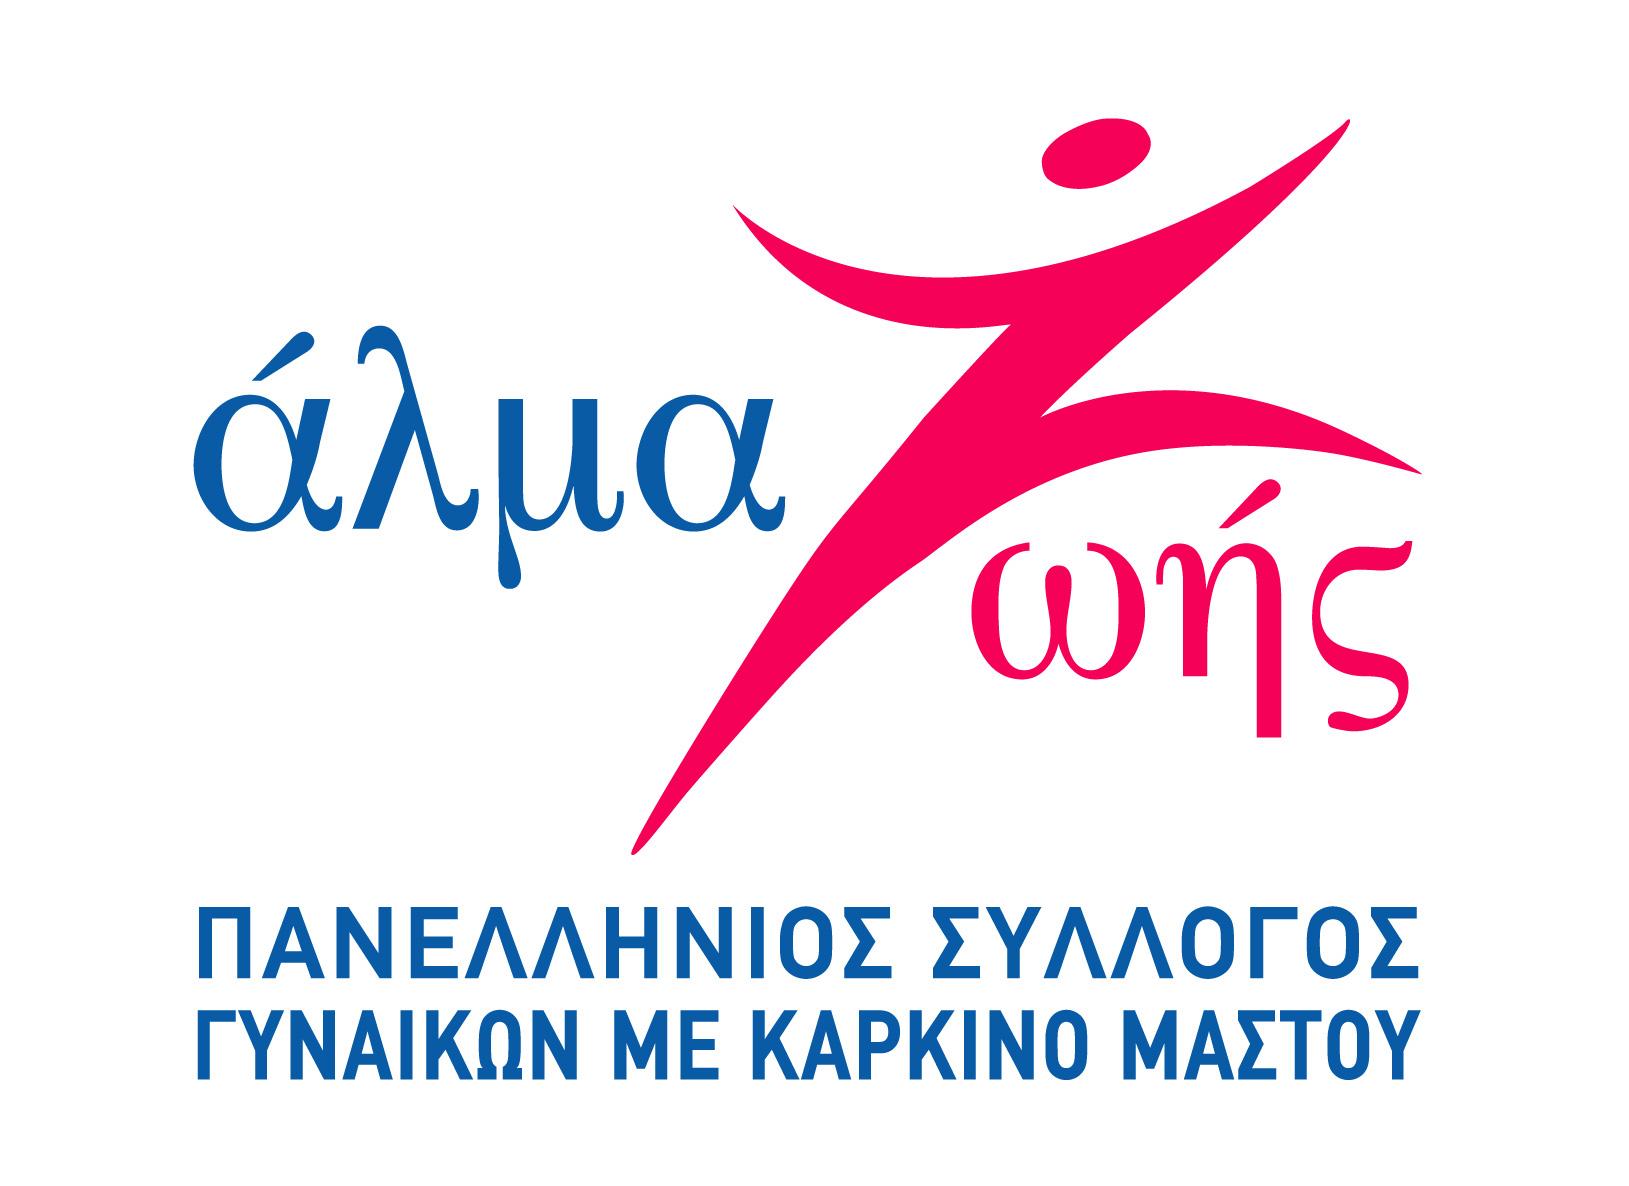 Κλινική εξέταση μαστού στις 14 Οκτωβρίου 2021 στο Αγρίνιο «ΑΛΜΑ ΖΩΗΣ» Αχαΐας